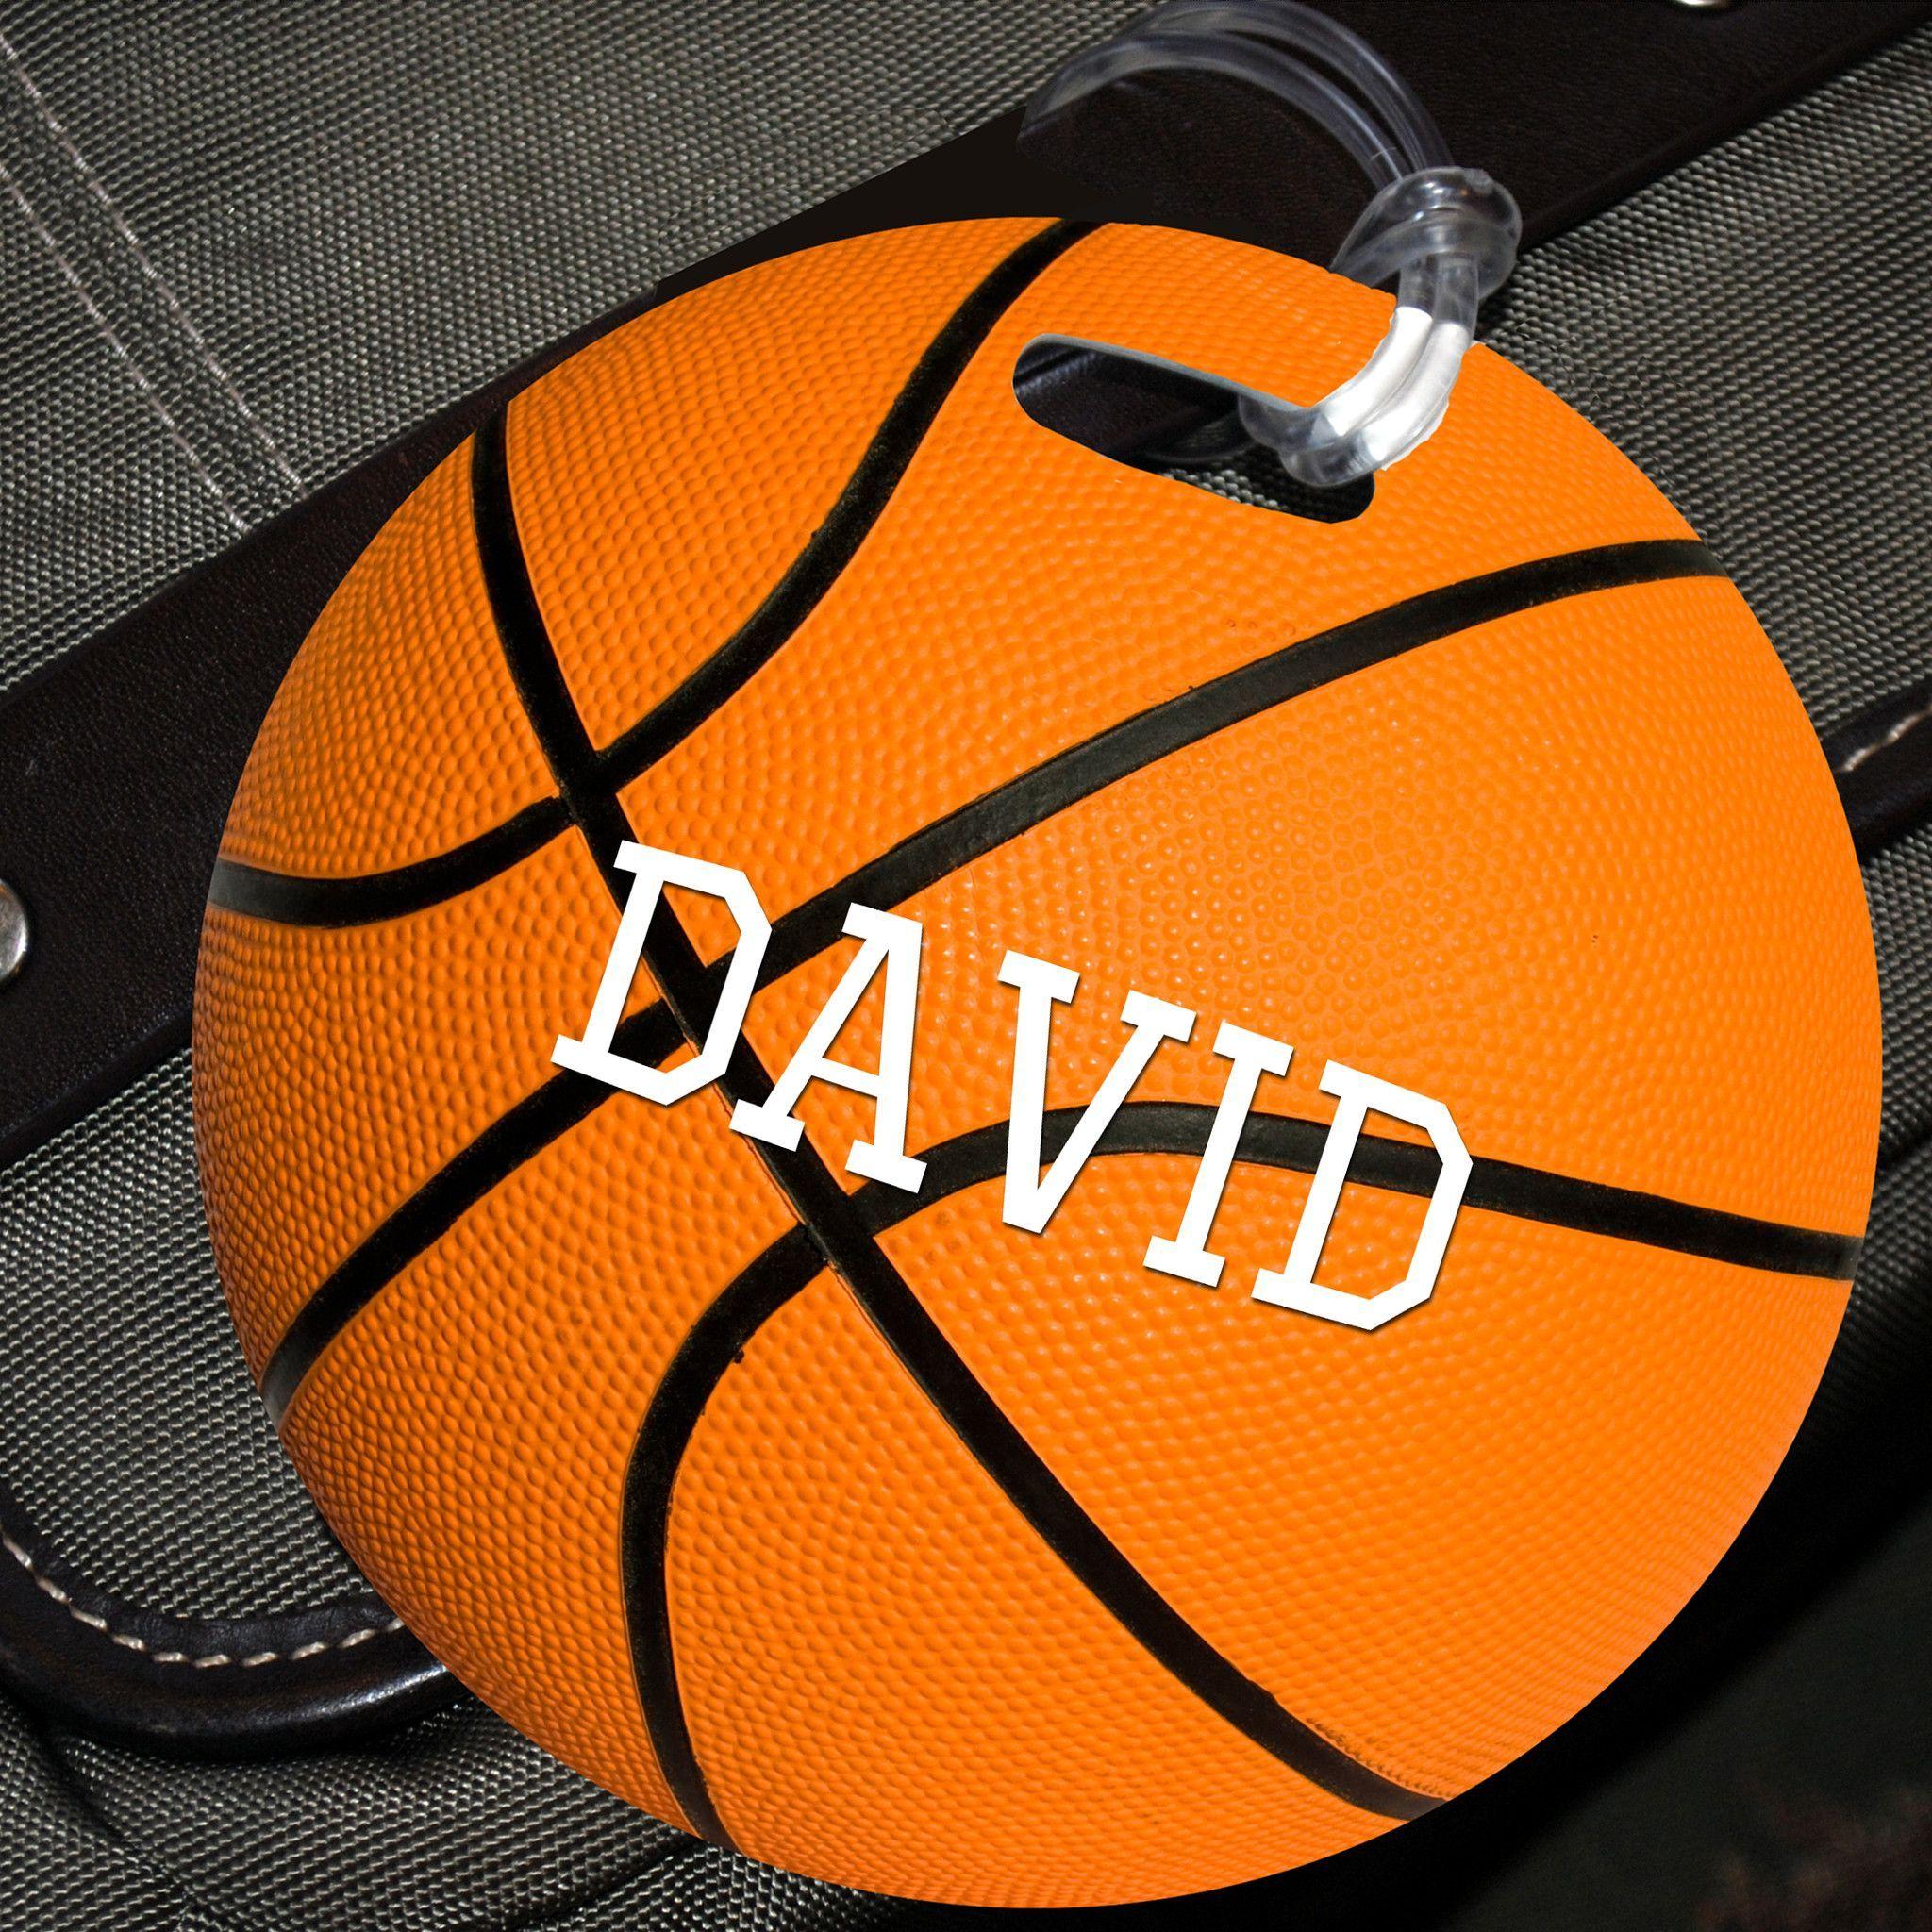 Basketball bag tag basketball bag tags basketball bag